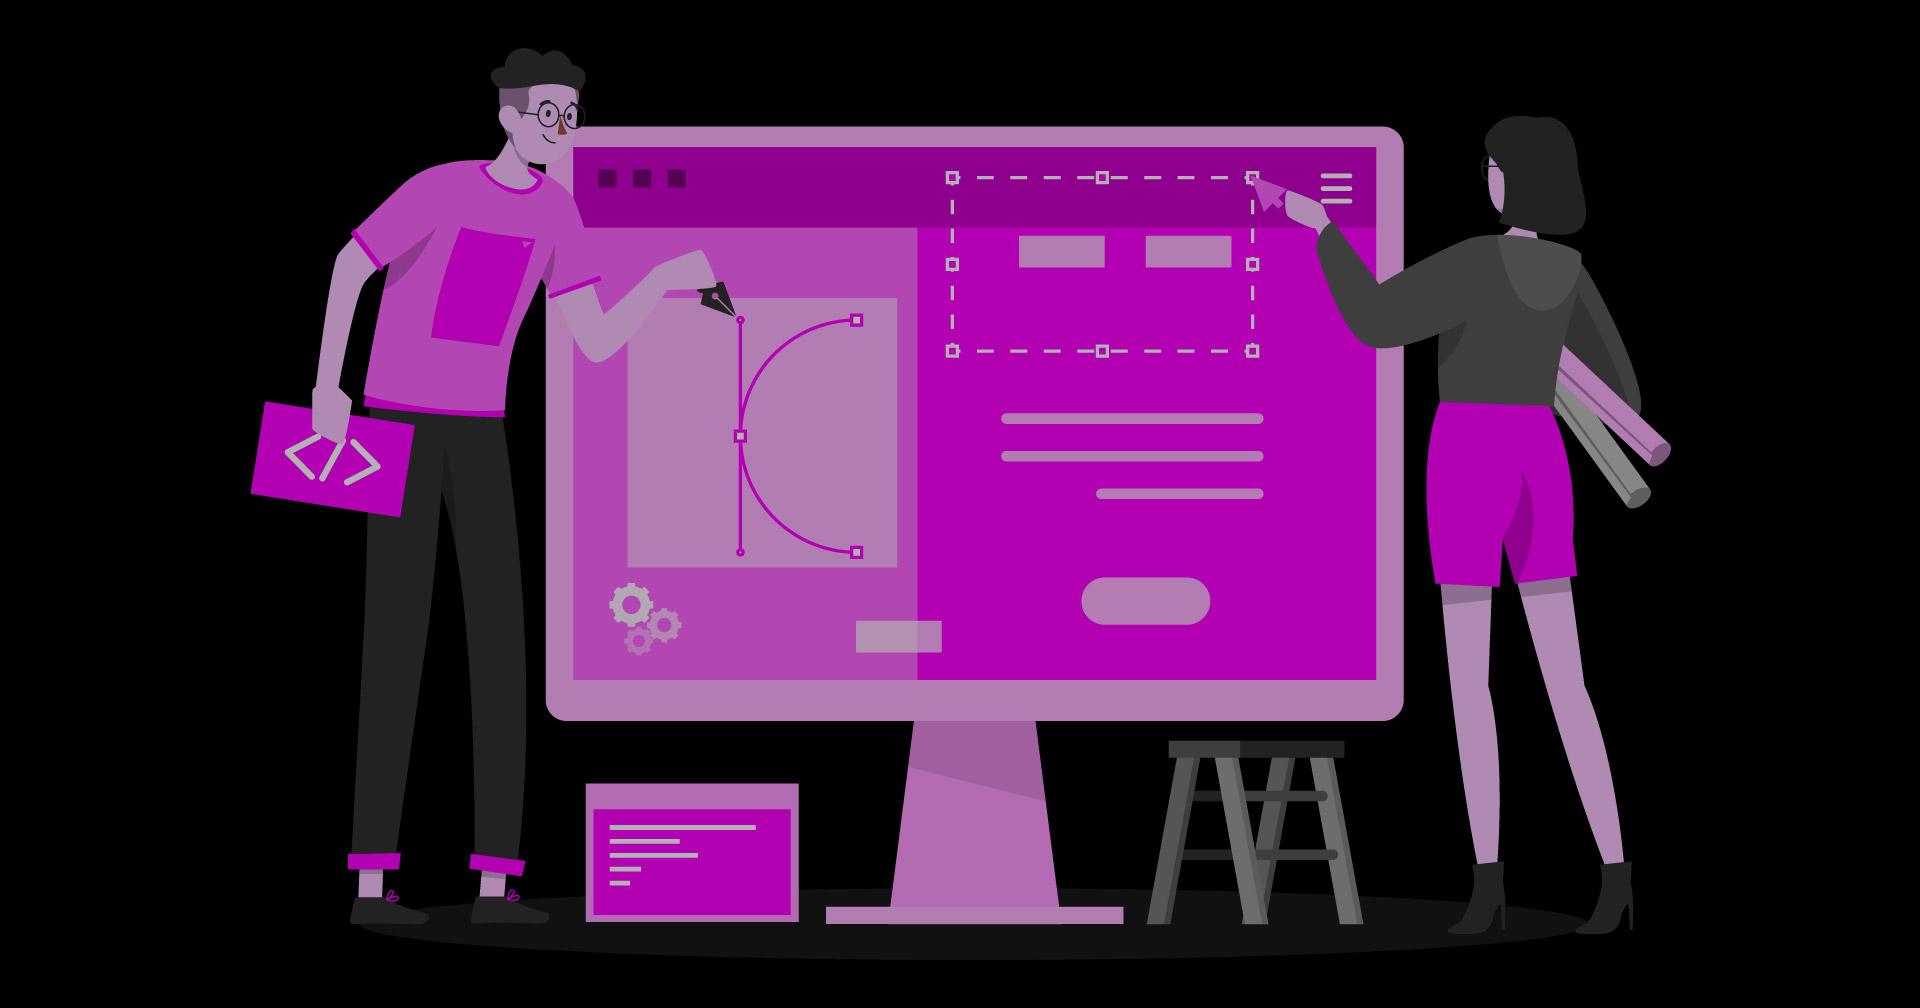 Come creare una forte identità visiva per i propri prodotti digitali